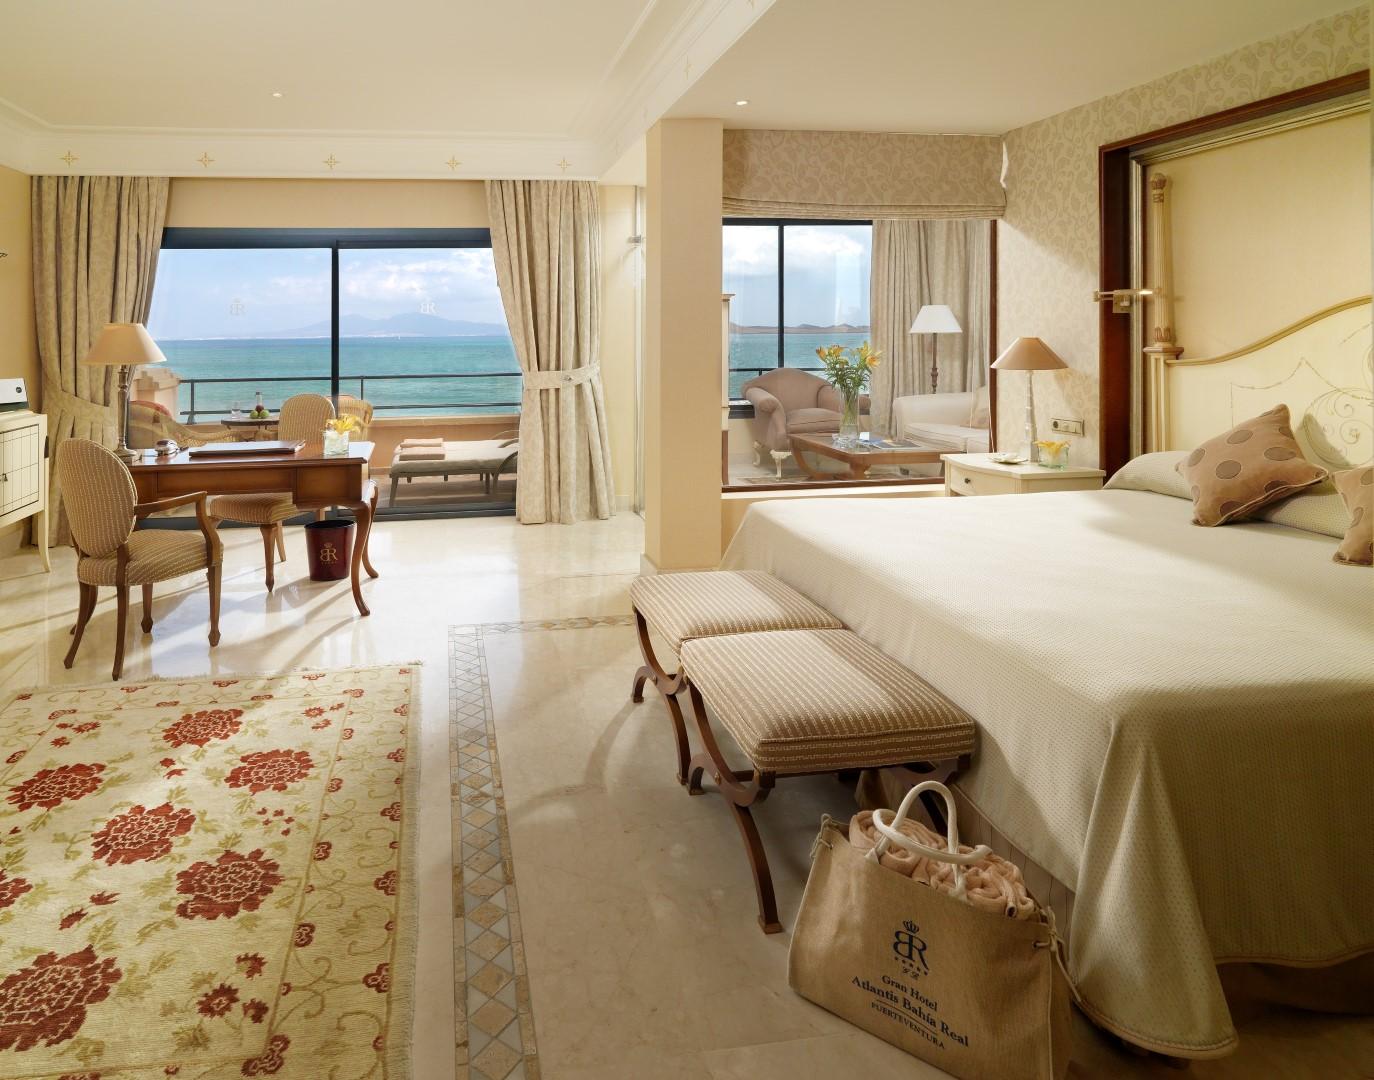 gran_hotel_atlantis